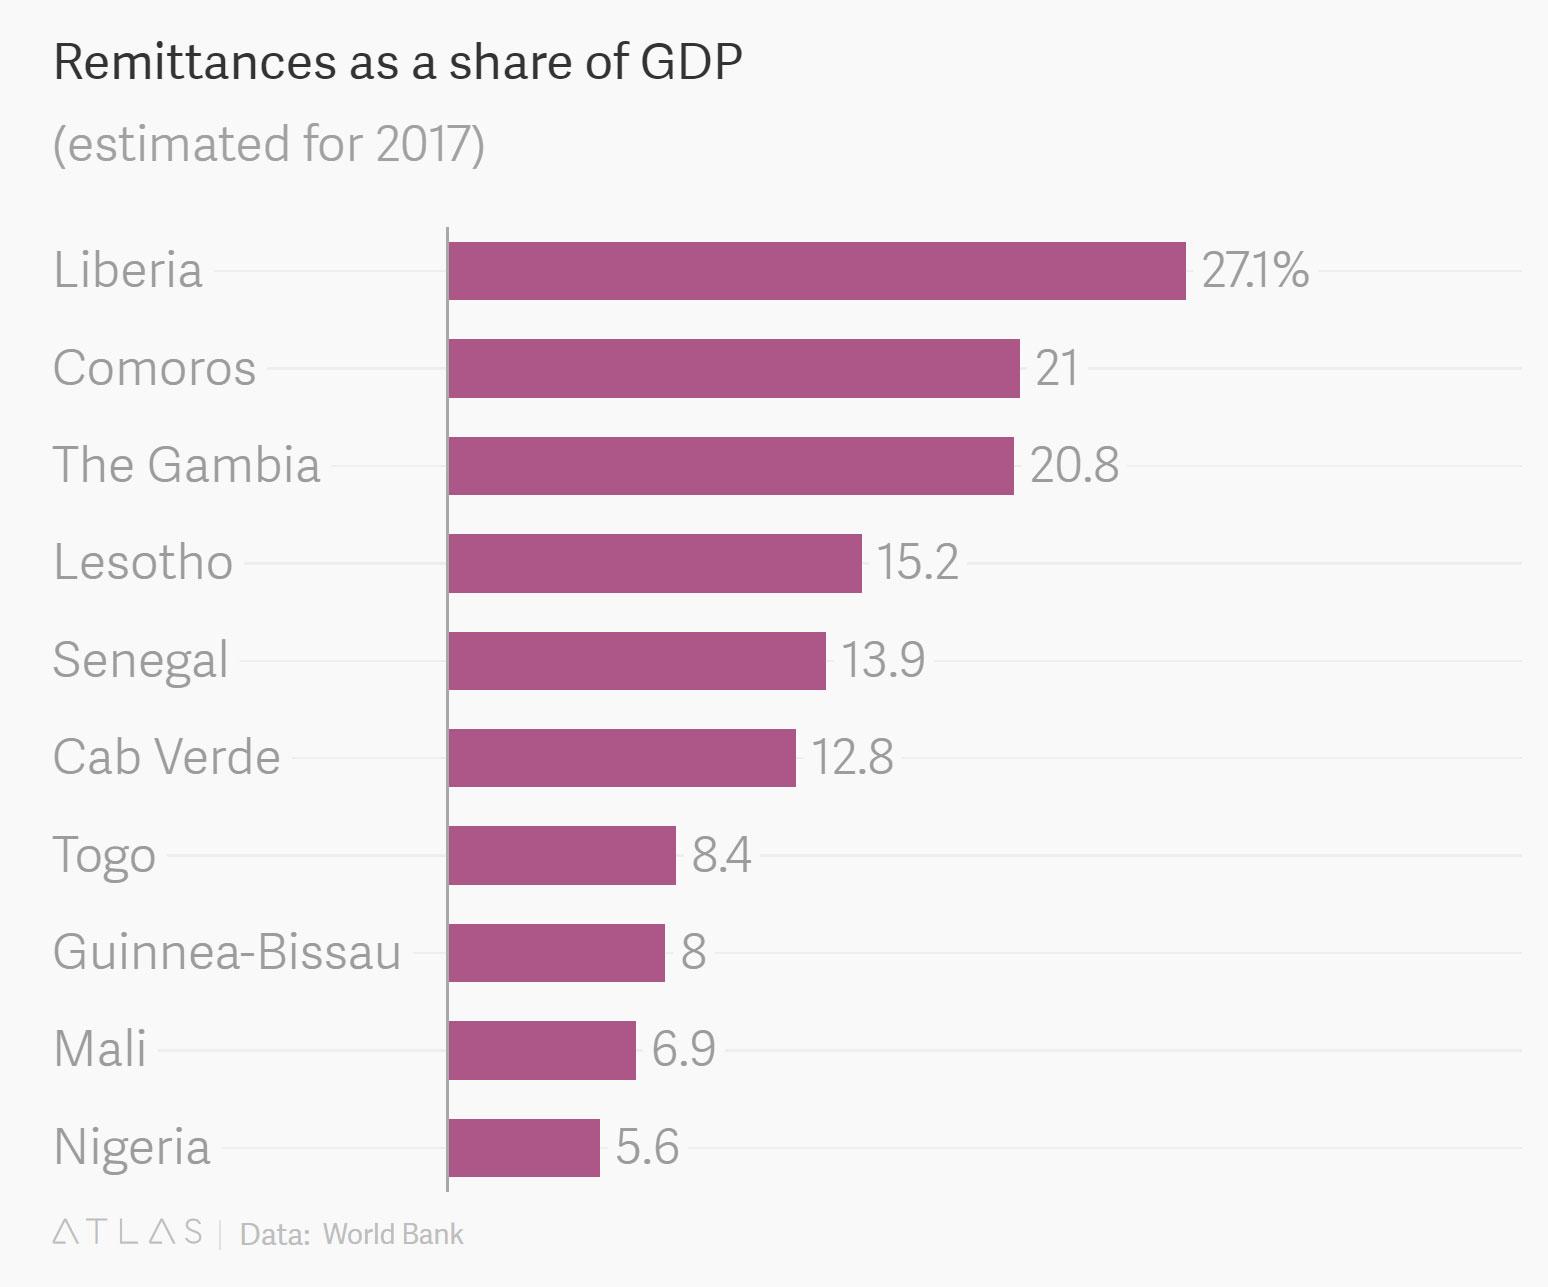 سهم رمیتنس از تولید ناخالص داخلی کشورها